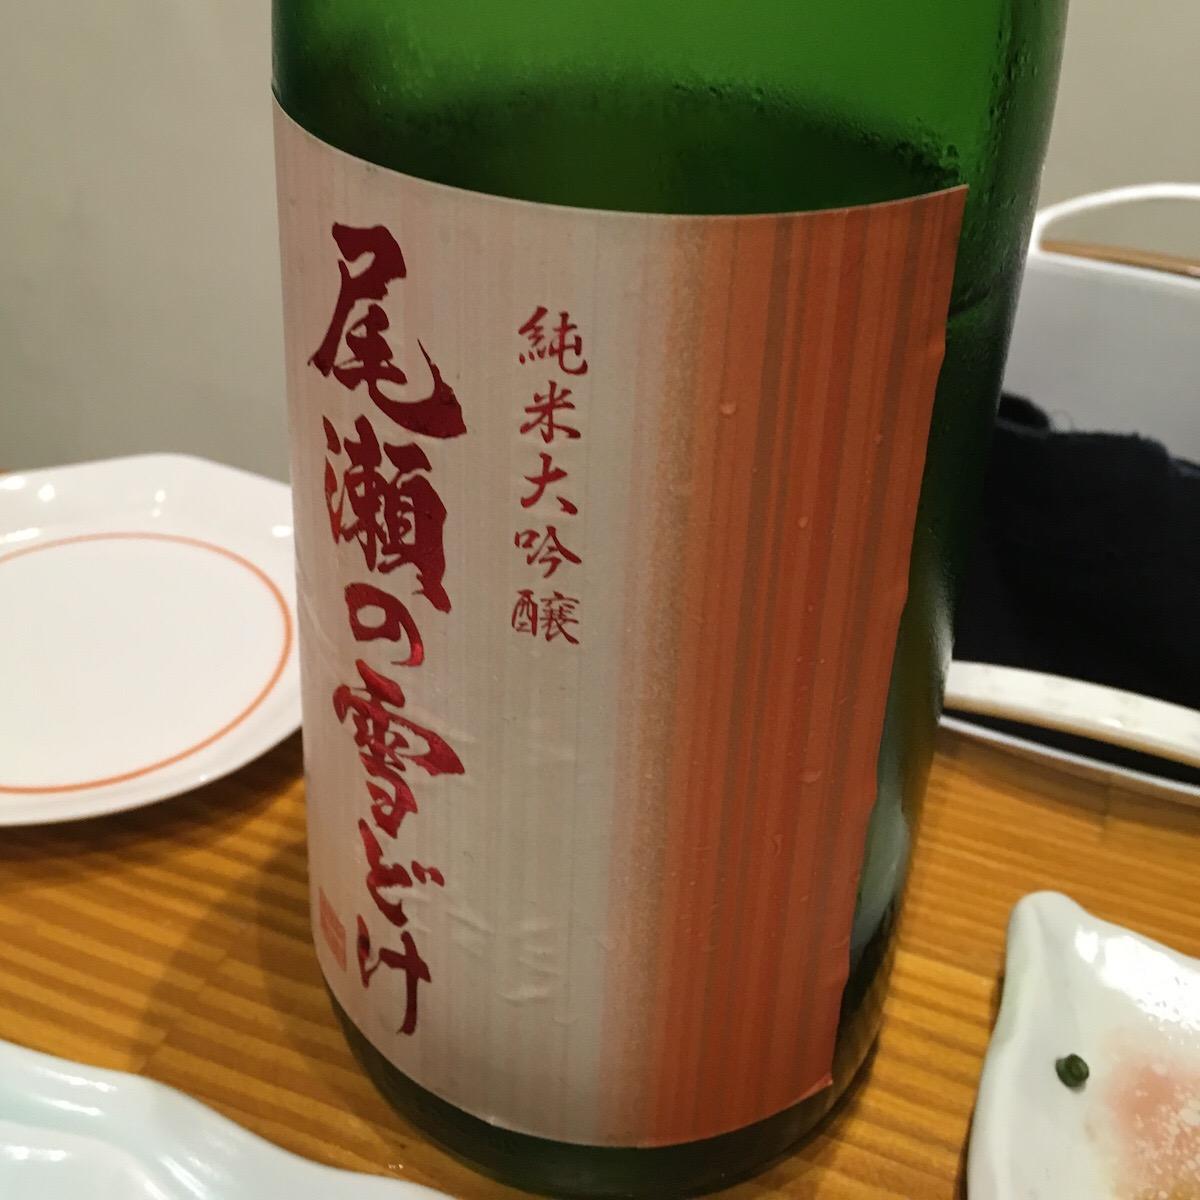 1600円で1時間日本酒飲み放題!五反田の日本酒飲み放題バー「和酒バールAGI」